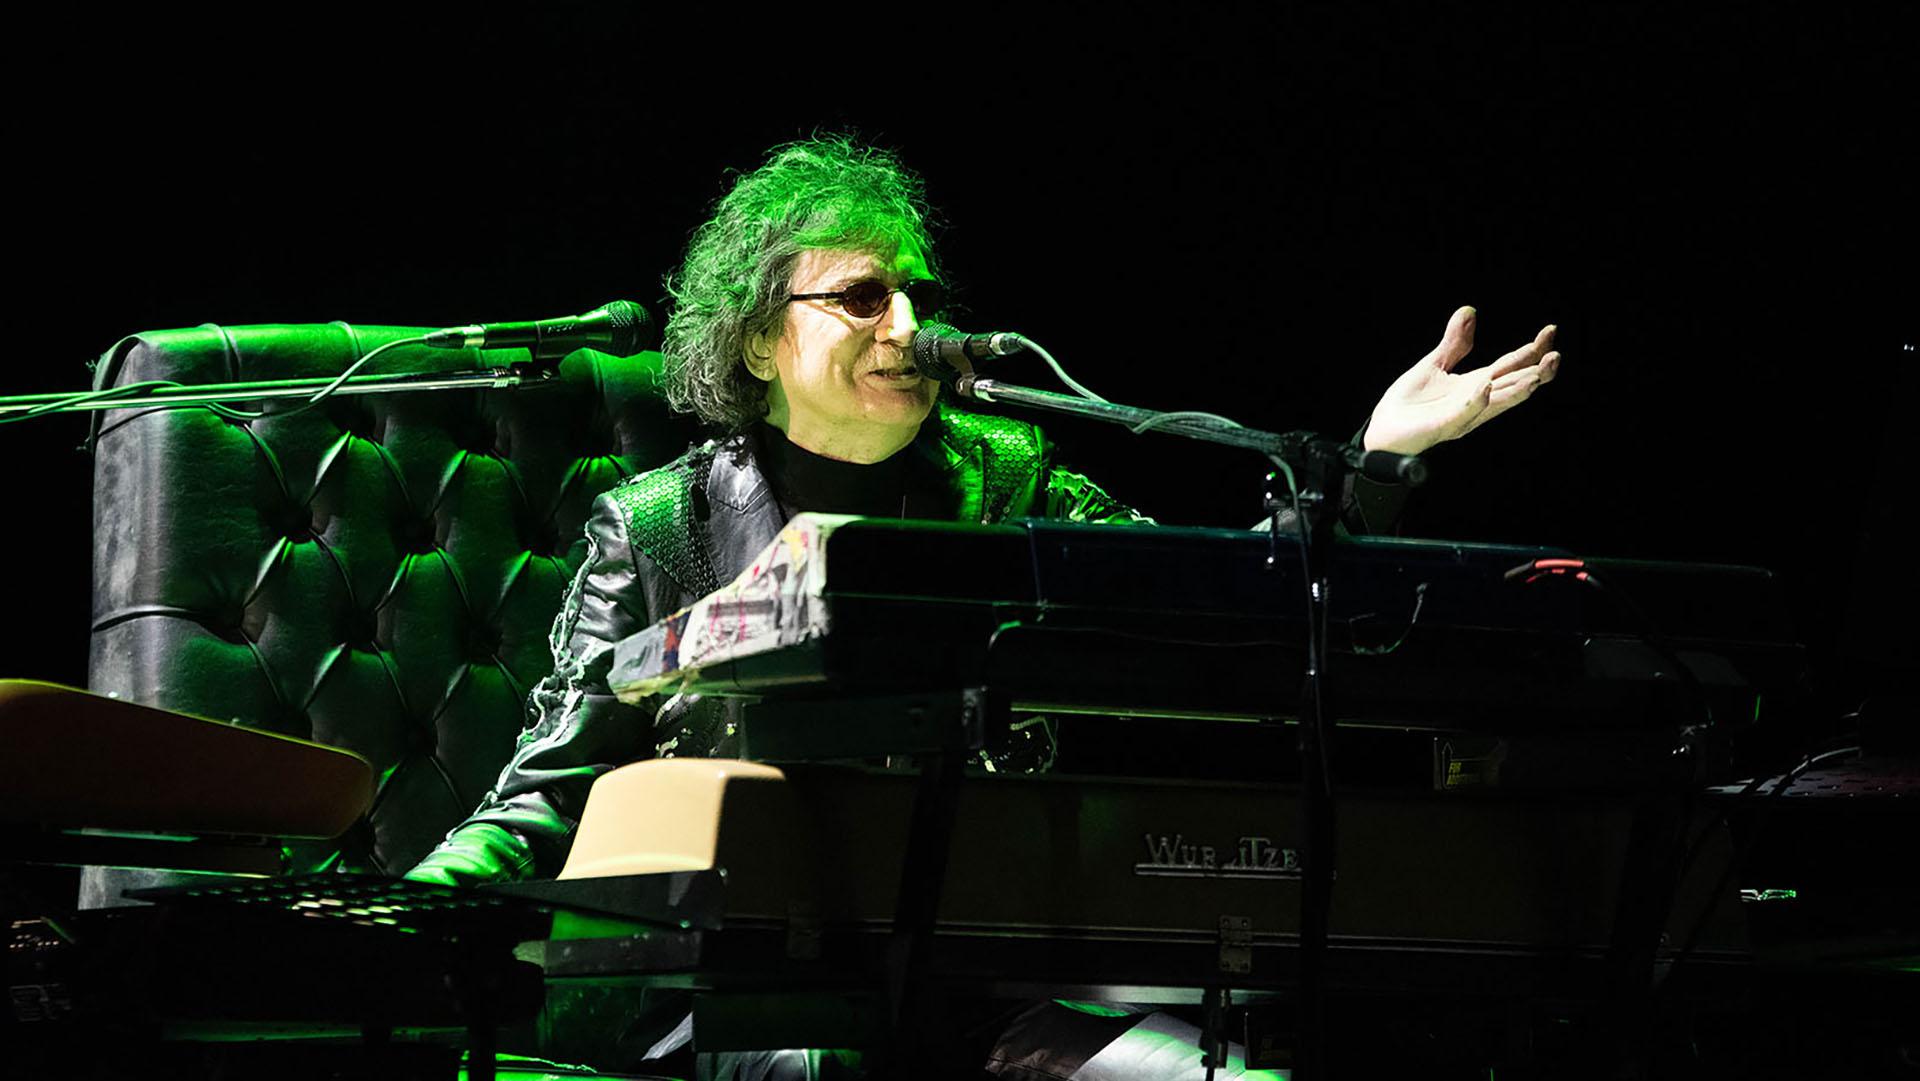 """El músico volvió al escenario donde tuvo lugar el """"Adiós Sui Géneris"""", el primer show masivo del rock nacional"""